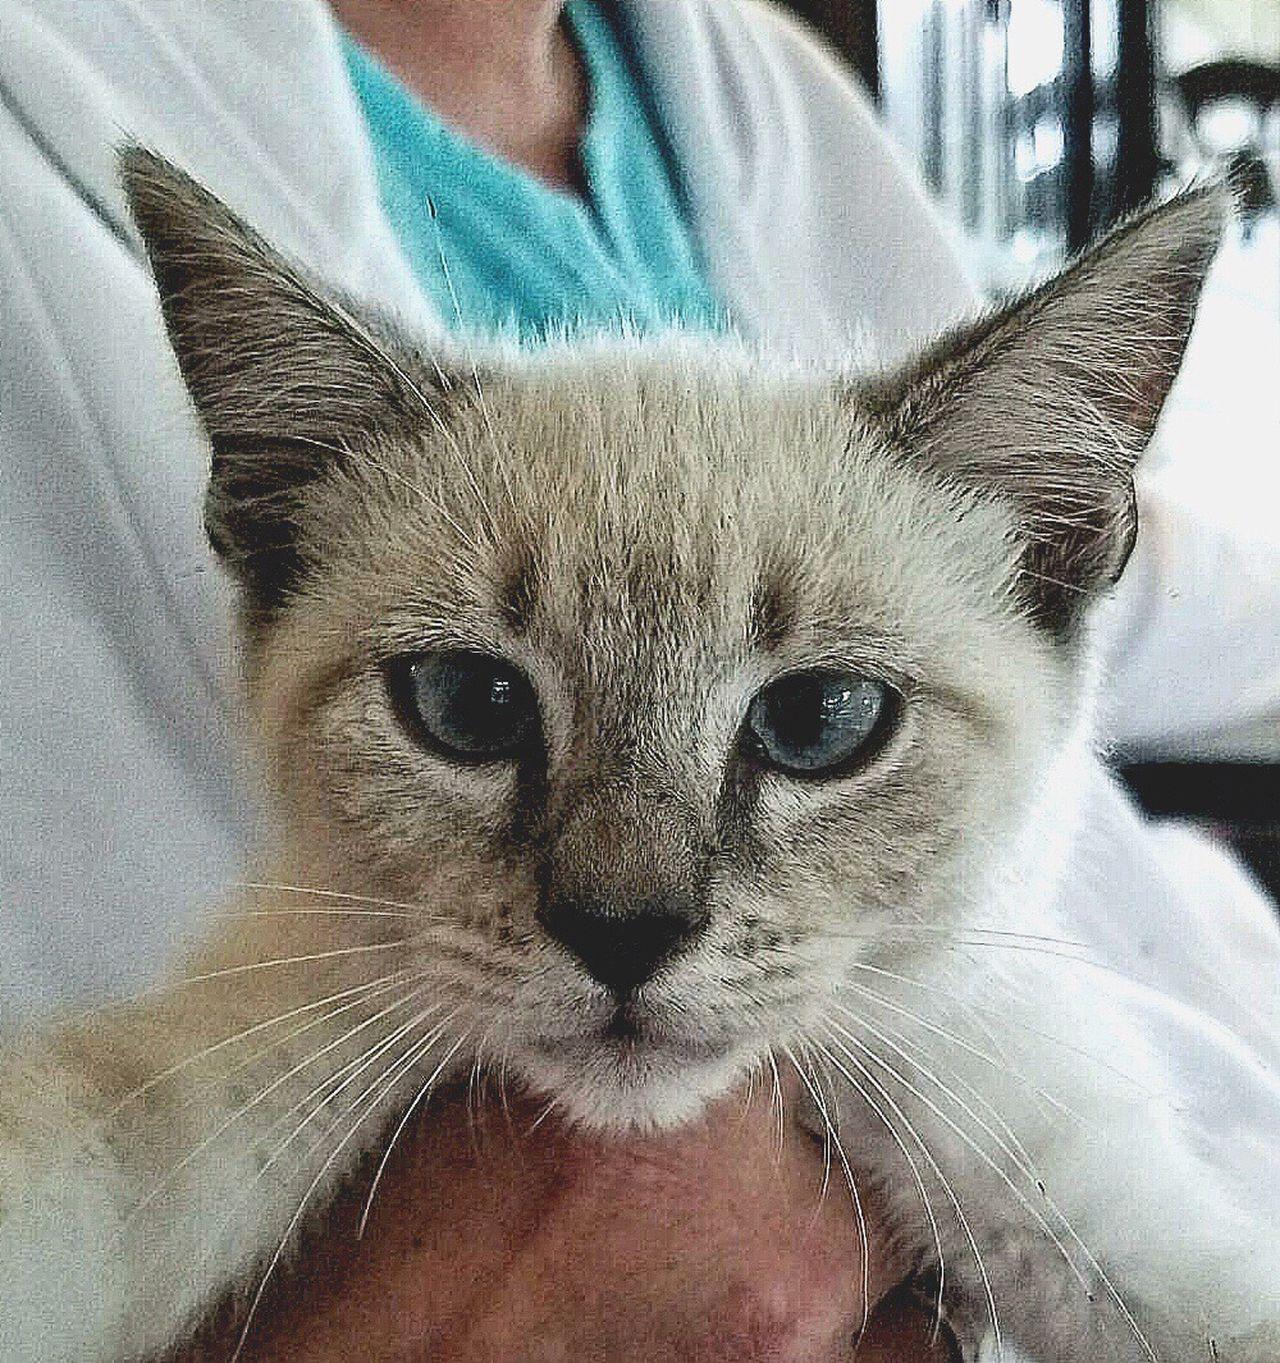 Cross Eyed Kitten